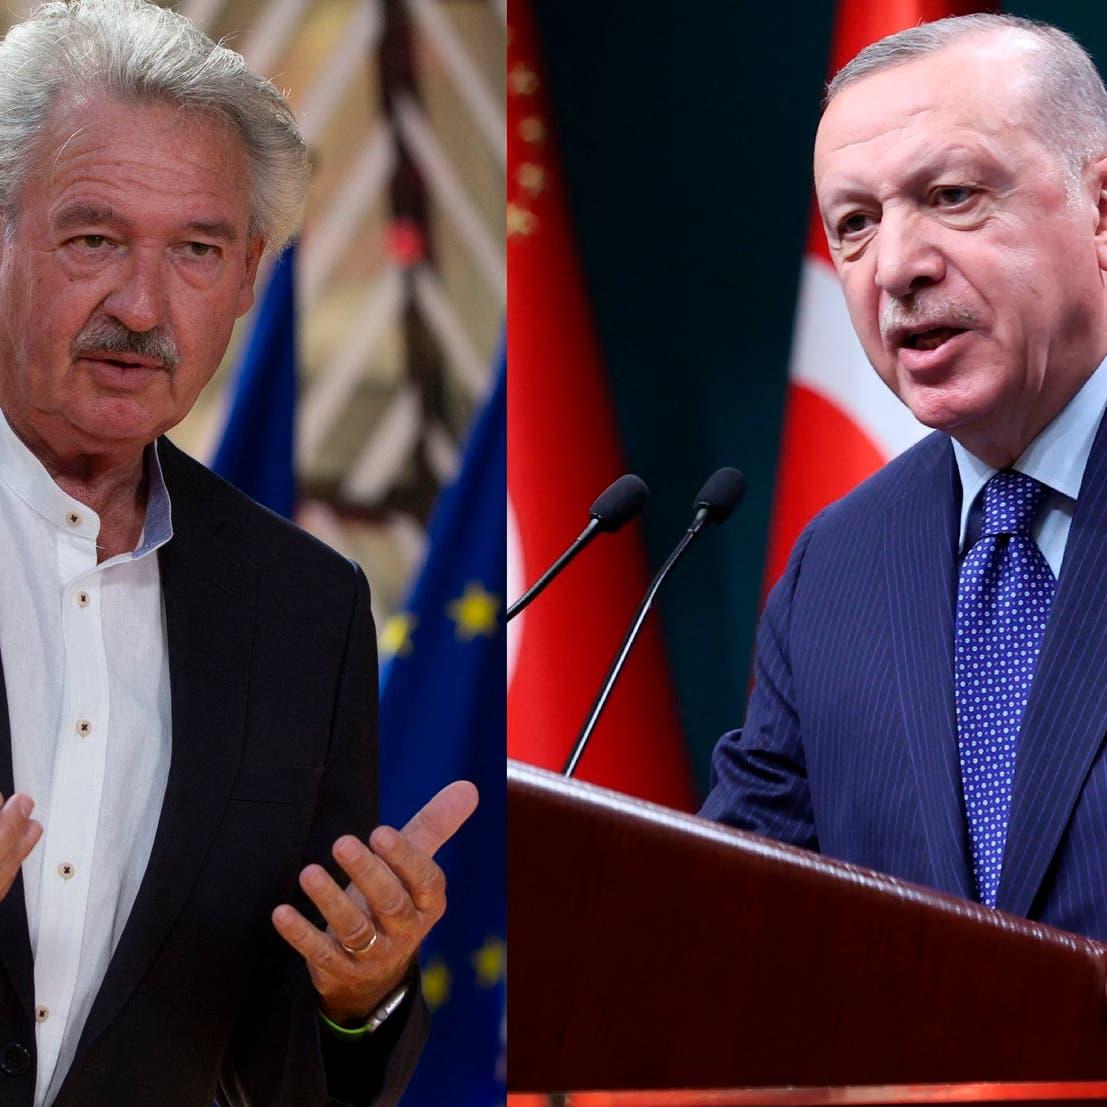 لوكسمبورغ: لا يمكن وصف أردوغان بالدكتاتور.. بل بالمستبد